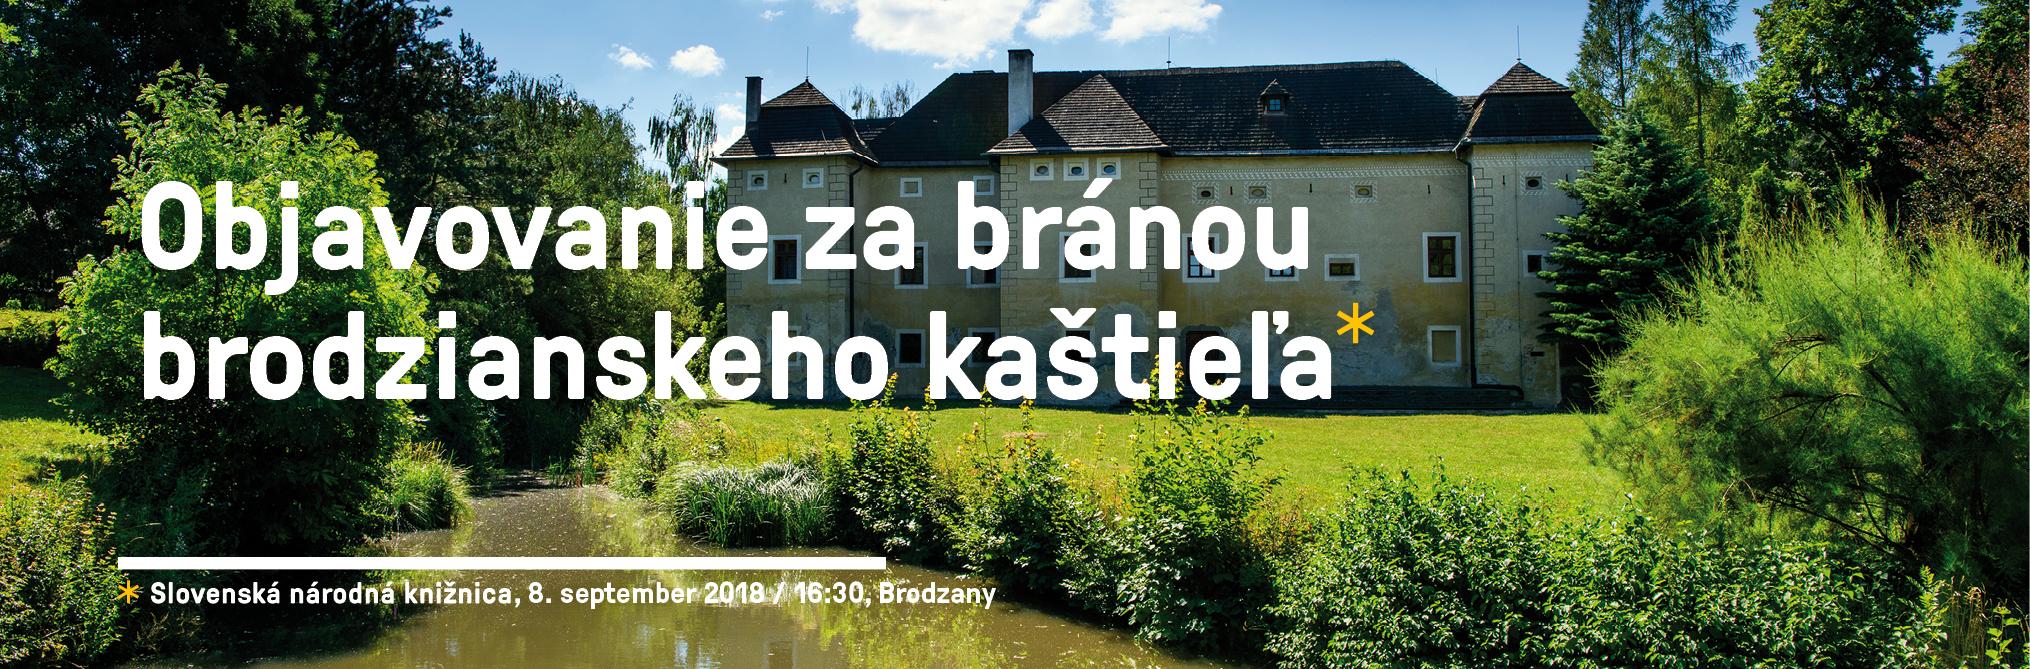 Slovanské múzeum A. S. Puškina - Objavovanie za bránou brodzianskeho kaštieľa